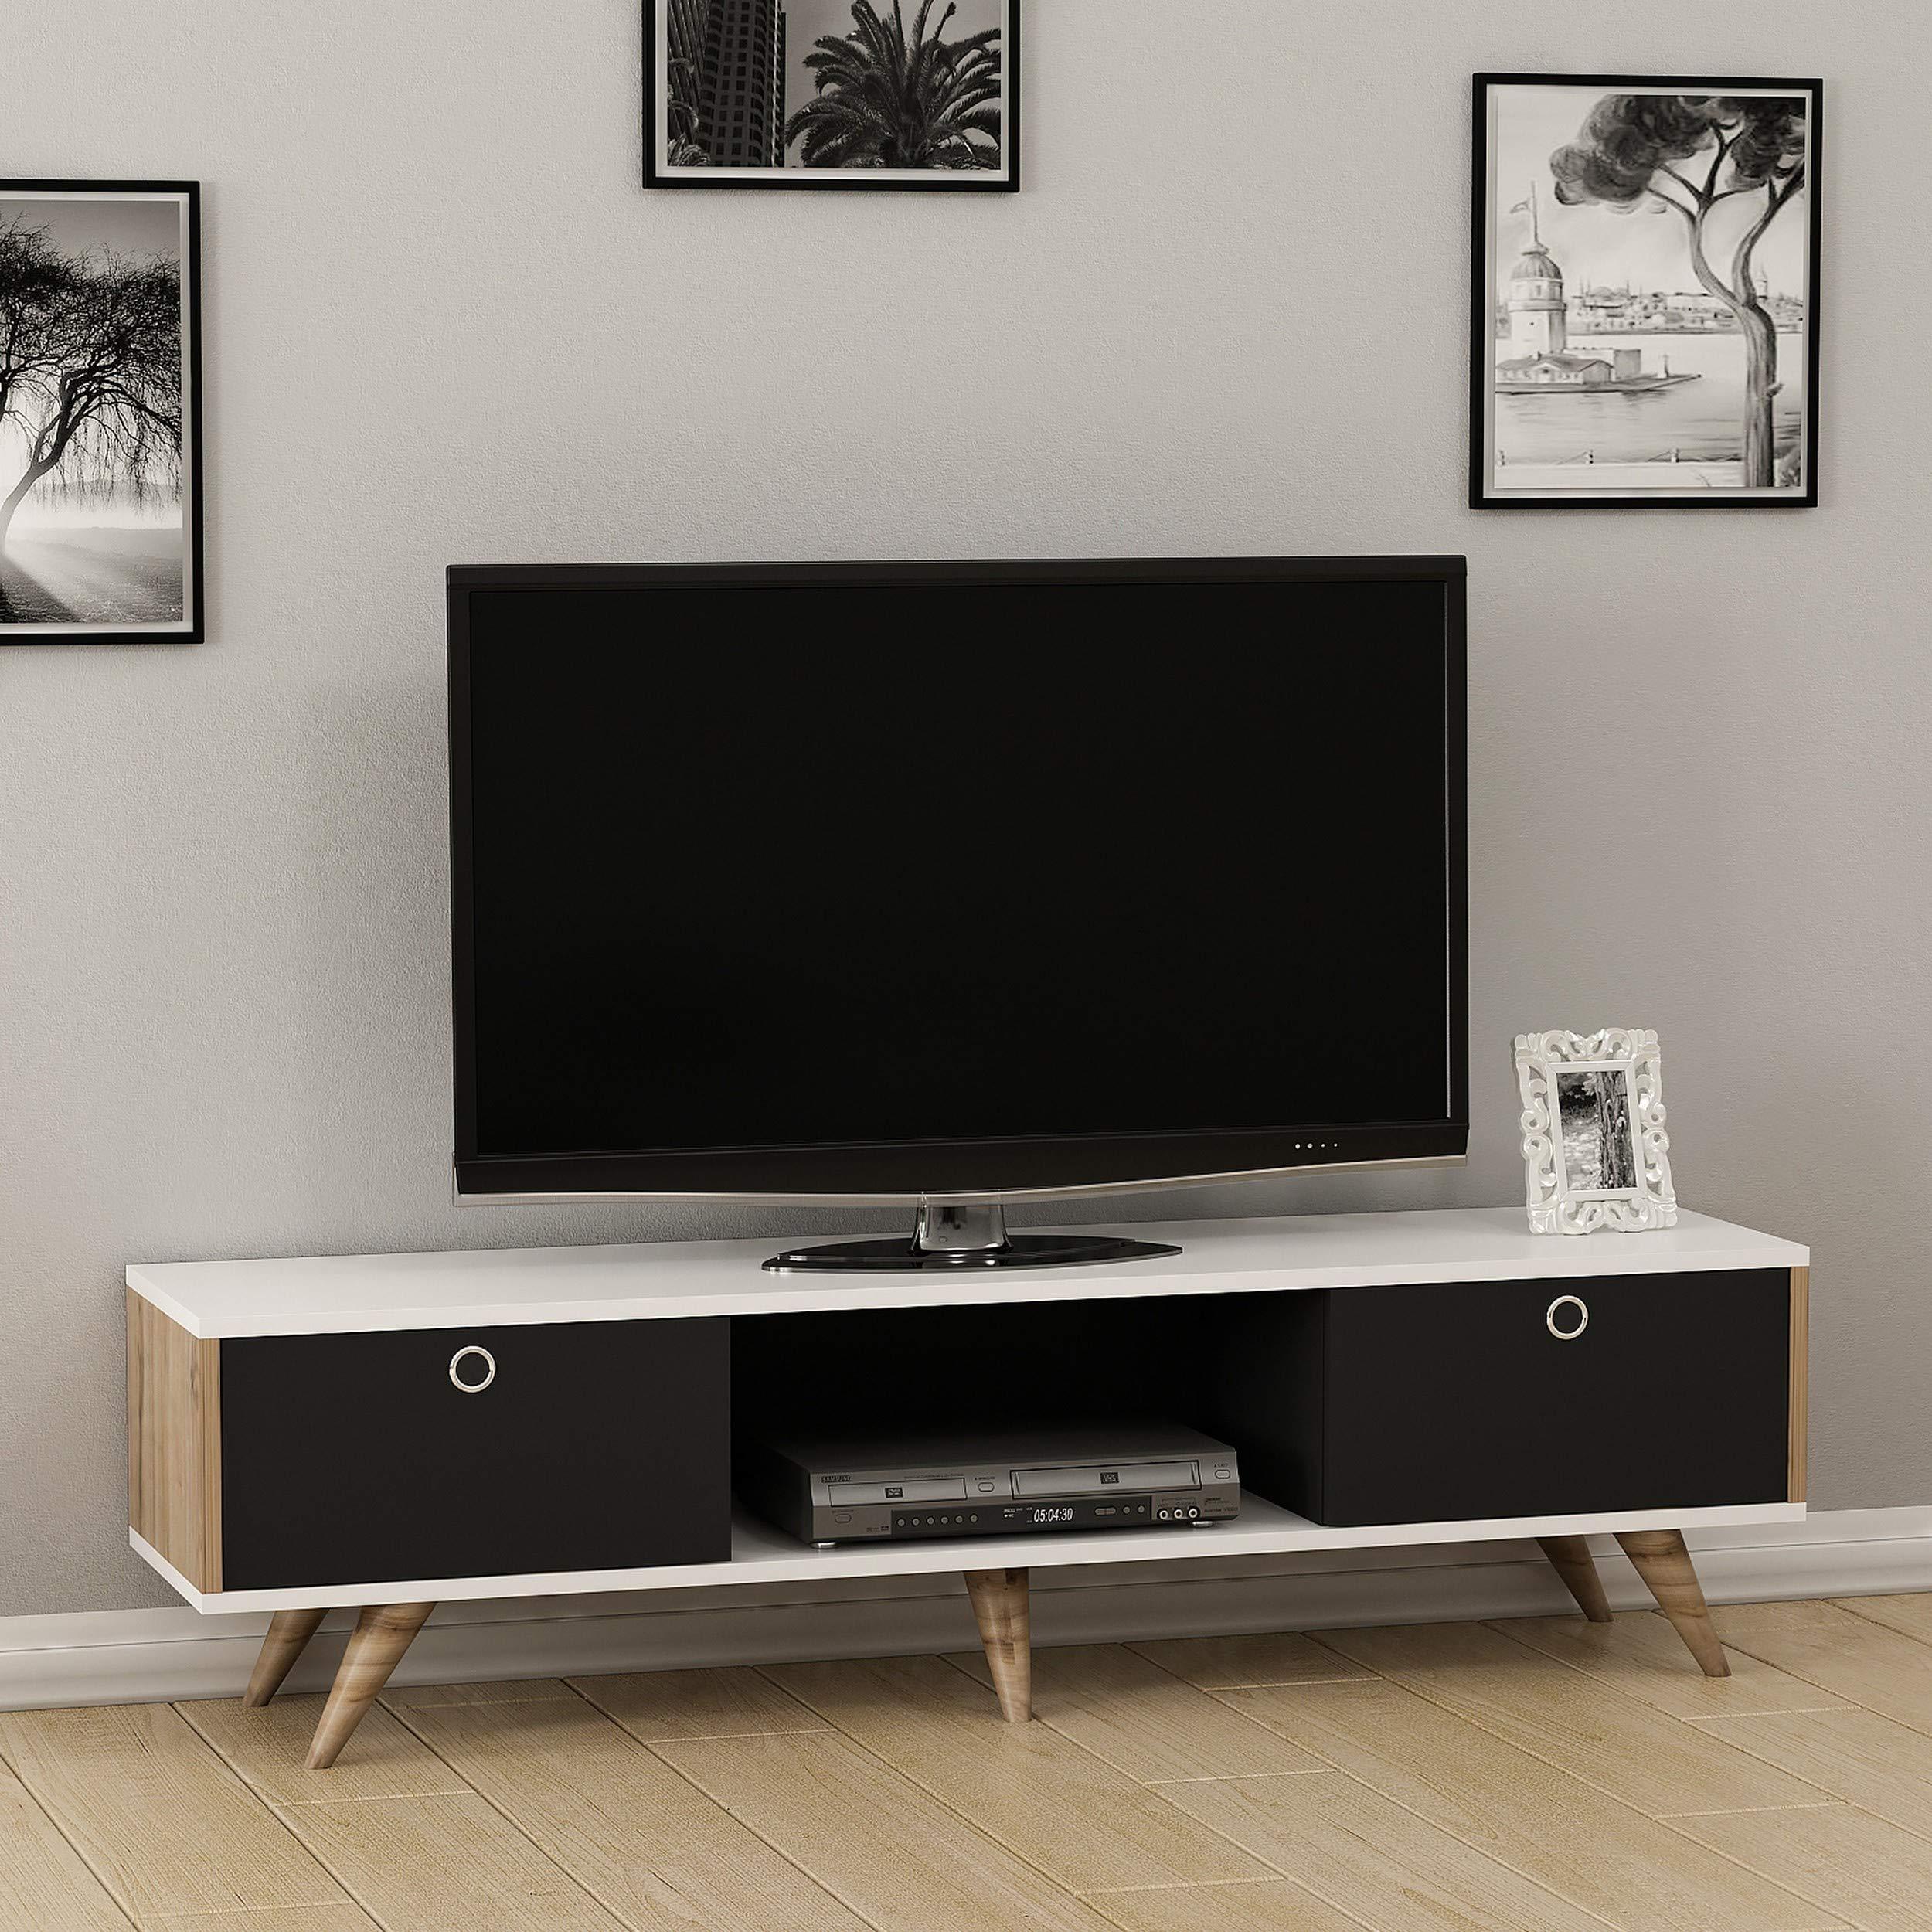 Homemania - Mueble para TV Zeyn, Madera, Nogal-Negro/Blanco, 150 x 35 x 41 cm: Amazon.es: Juguetes y juegos